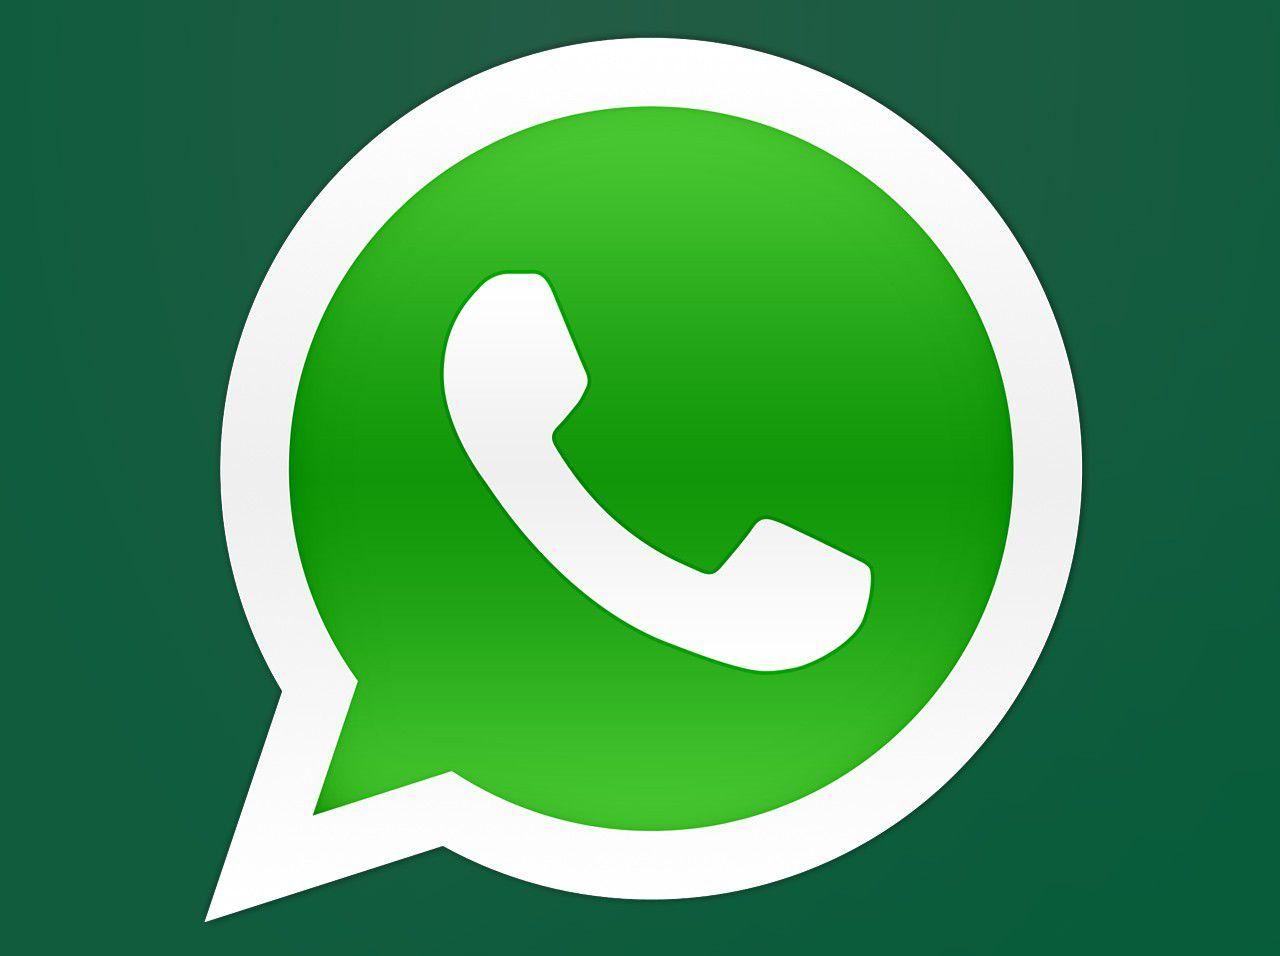 Whatsapp Installieren Iphone Se